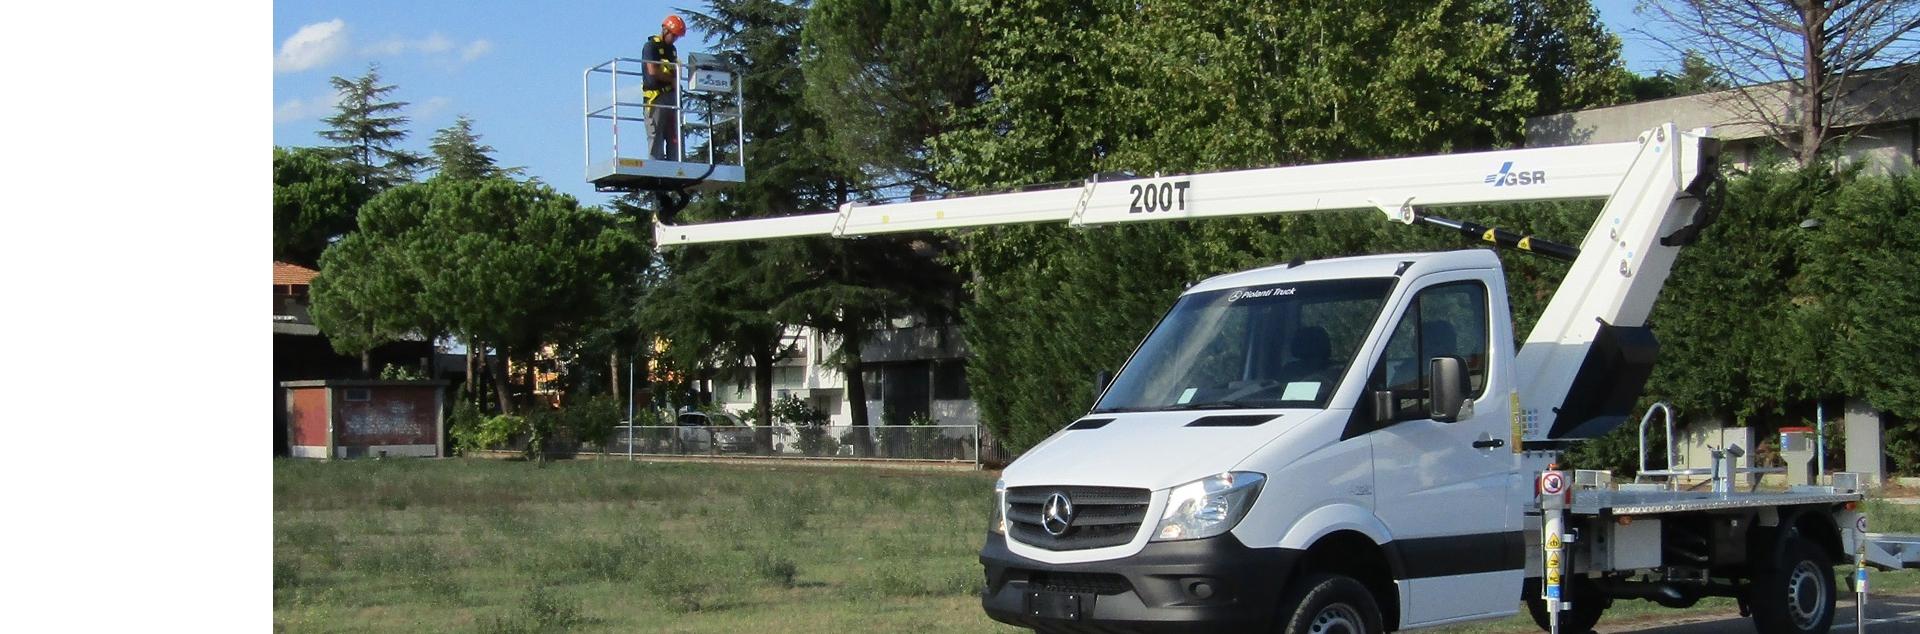 B200T on Mercedes open